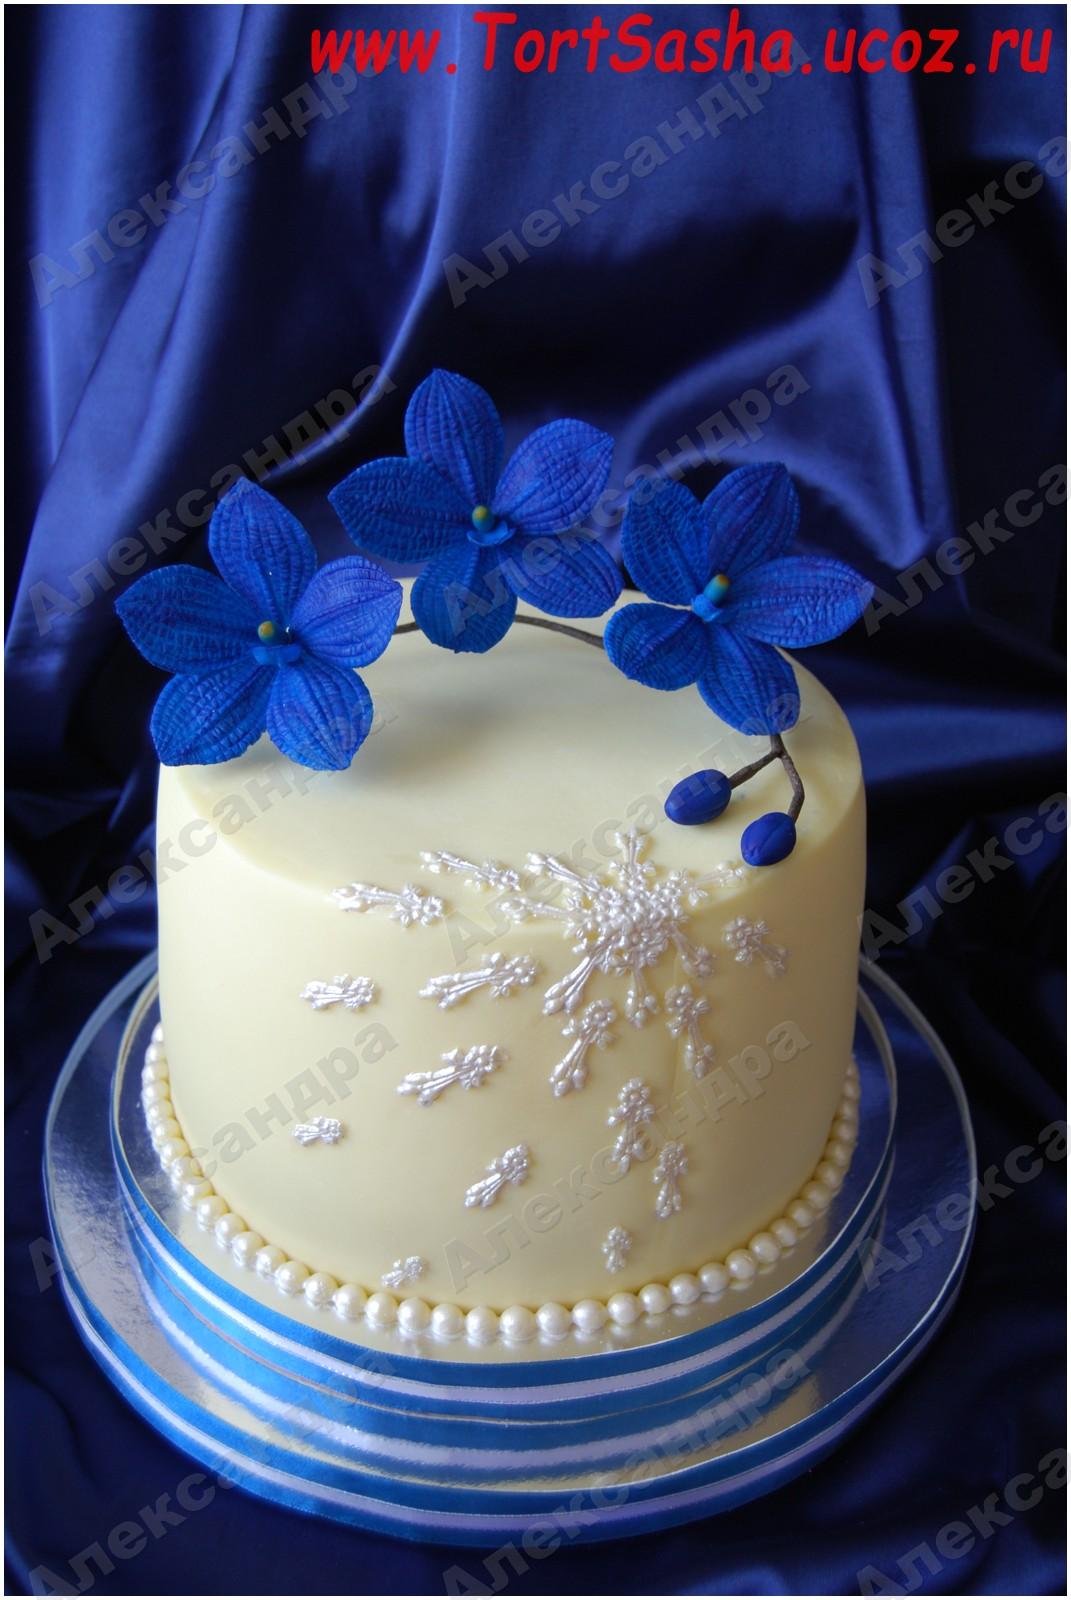 Торты мастичные торт орхидея ванд